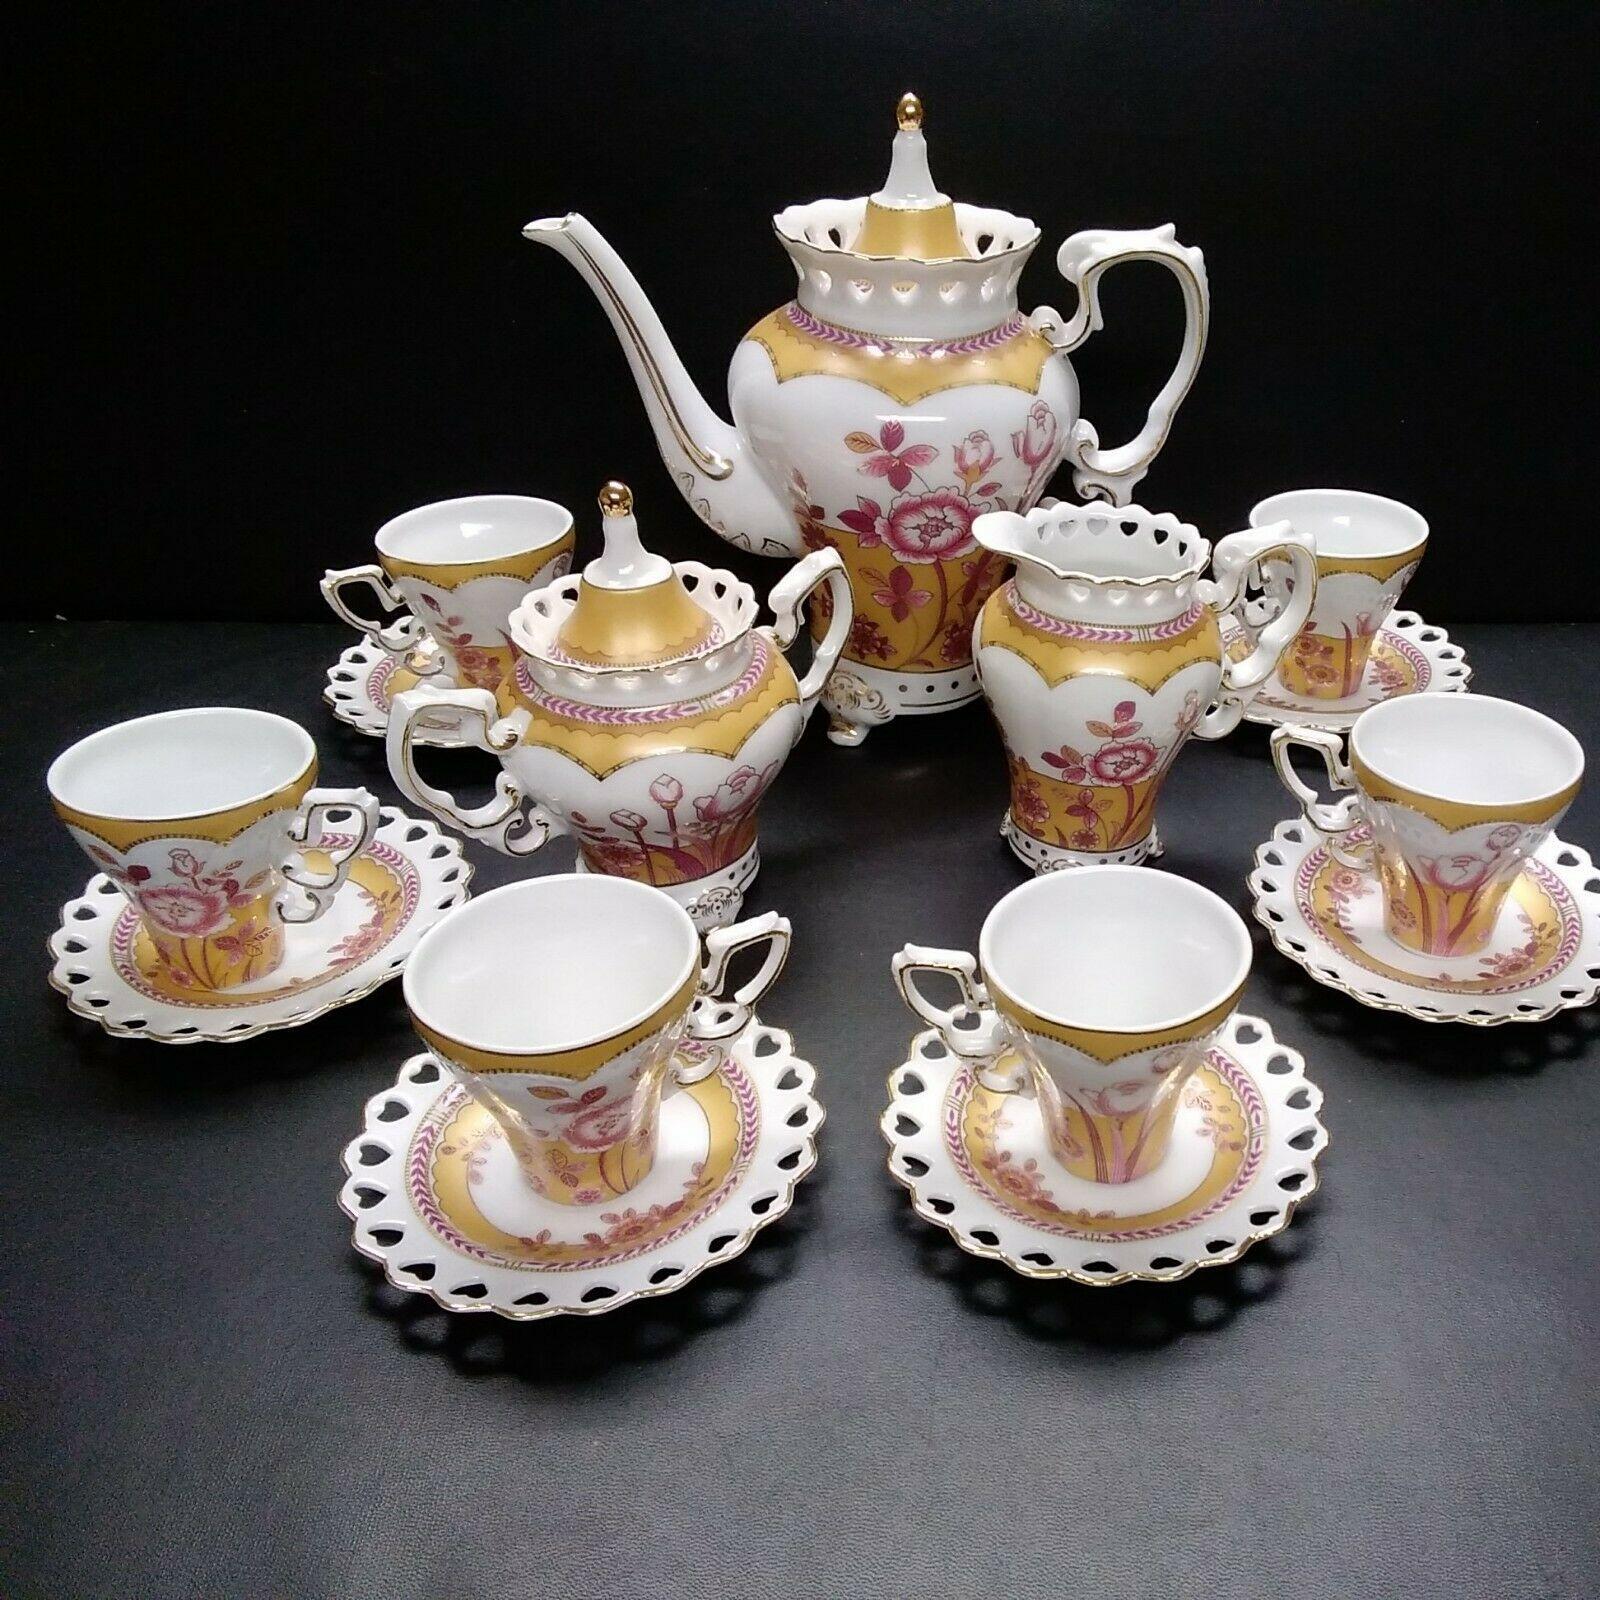 17 piece Tea Set Fine China Tea Set Tea Cups